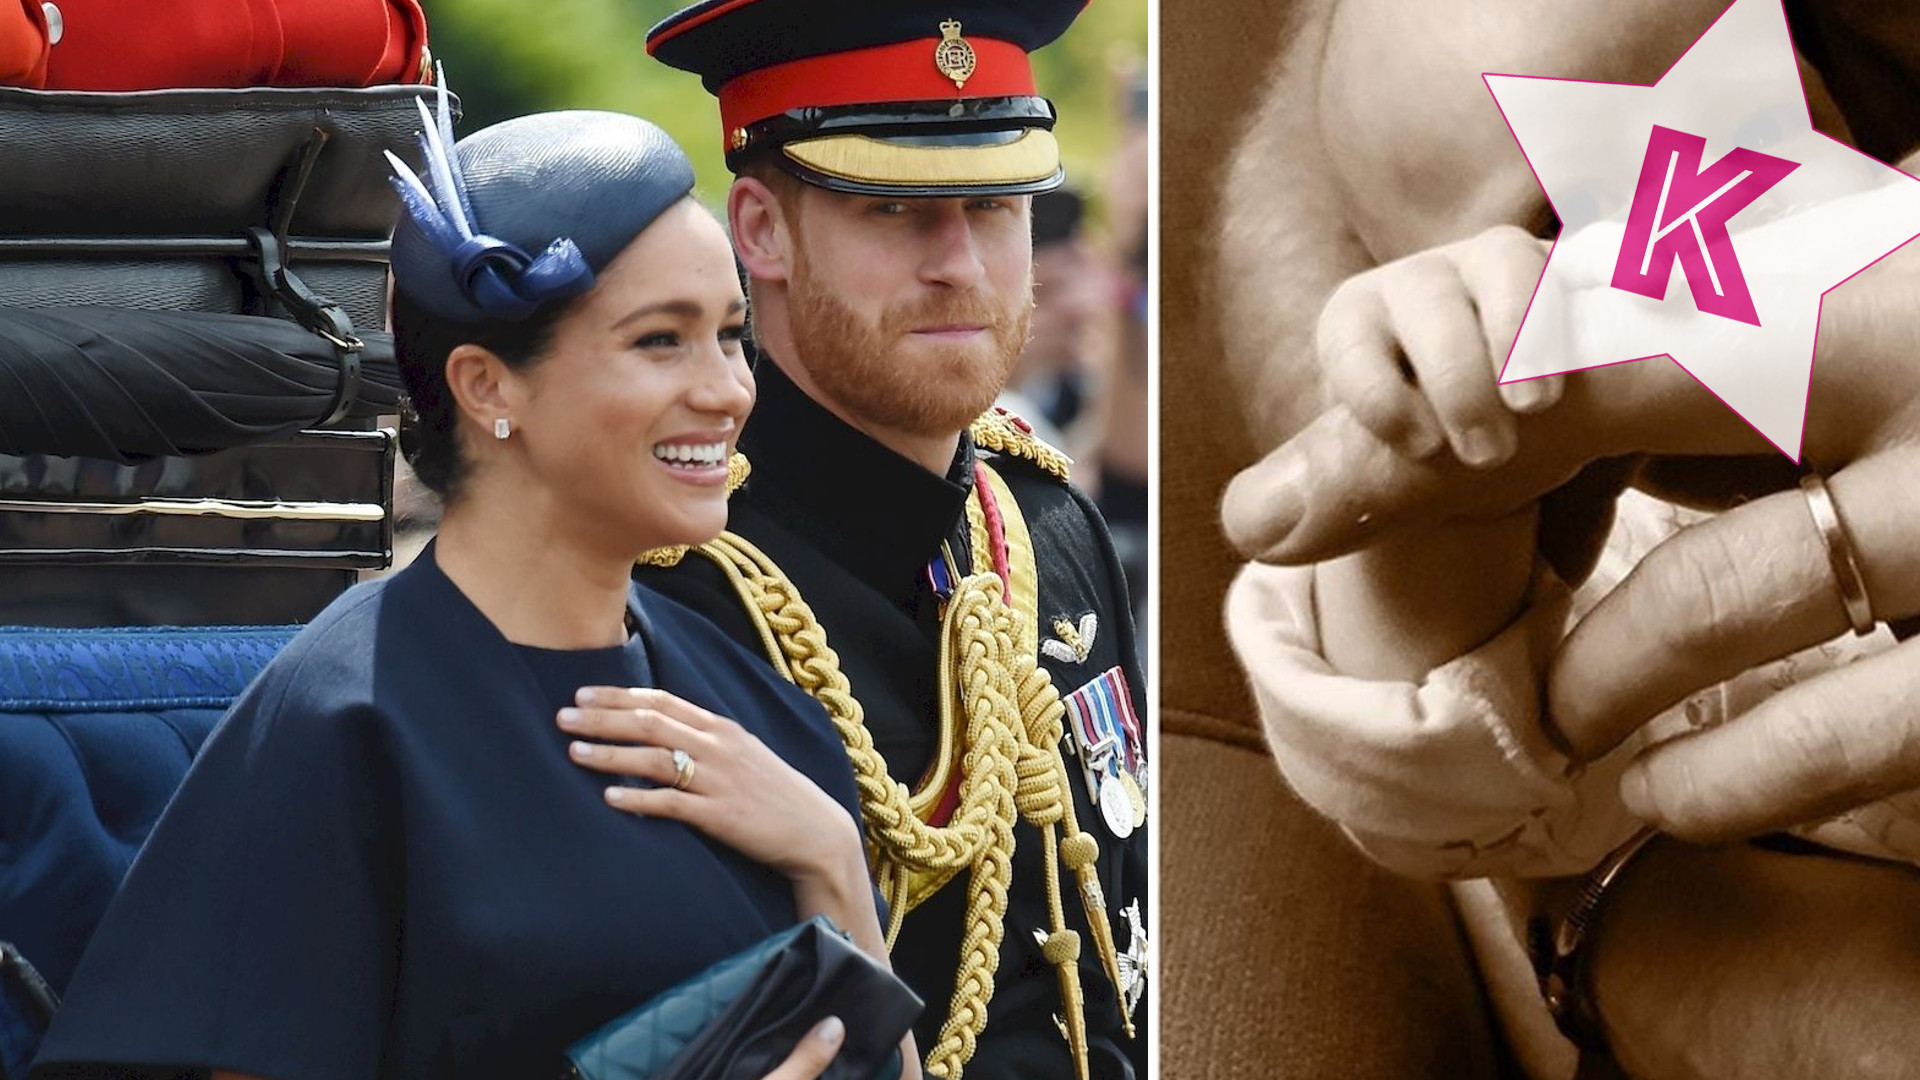 Jaki SŁODKI! Jest NOWE ZDJĘCIE Archie – syna księżnej Meghan i księcia Harry'ego